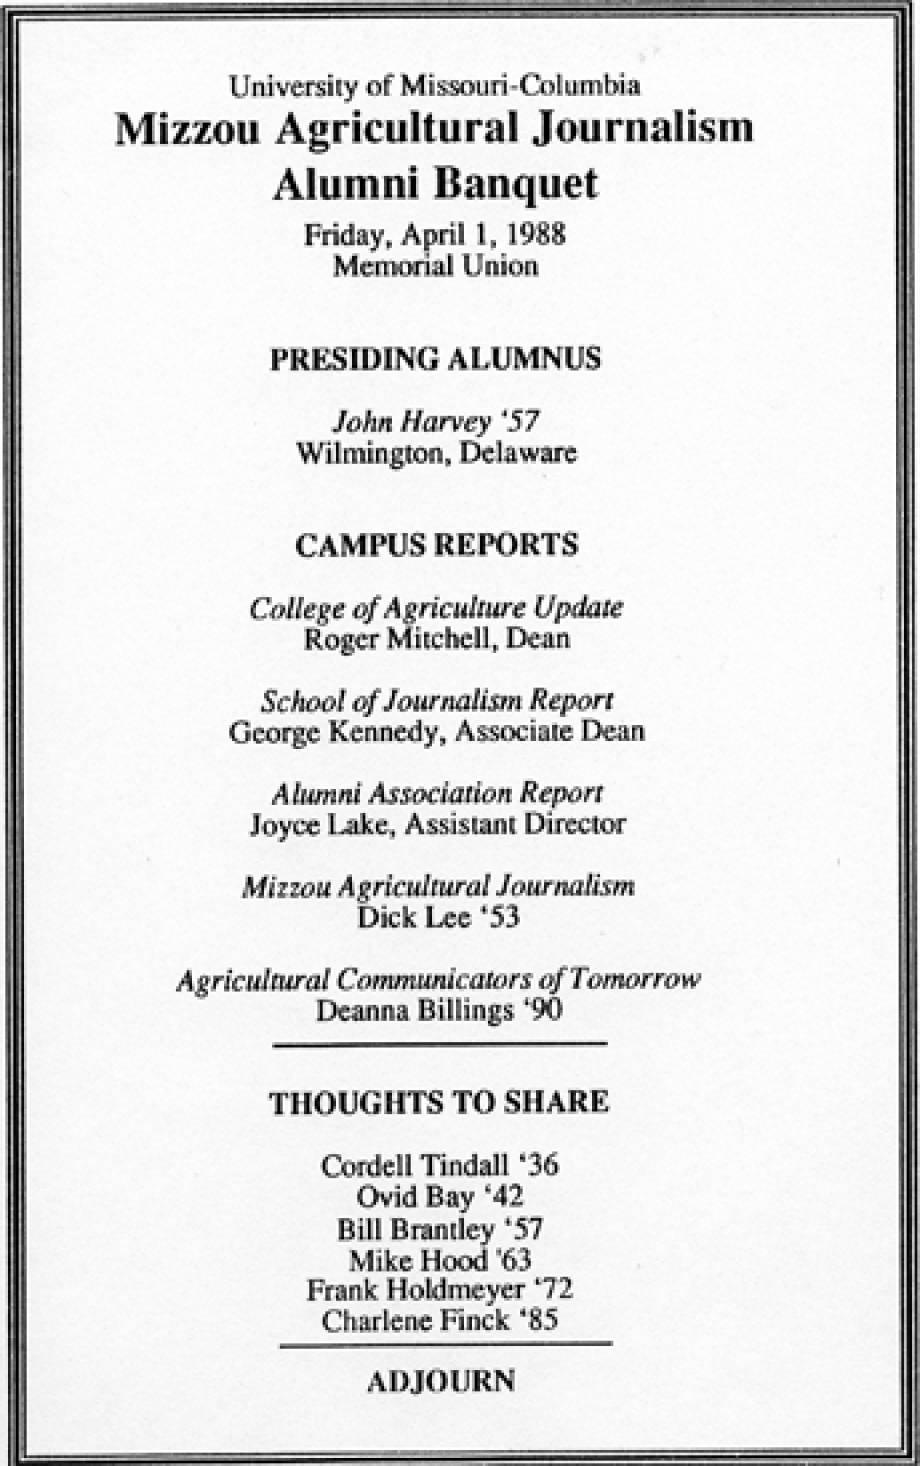 1988 Banquet program